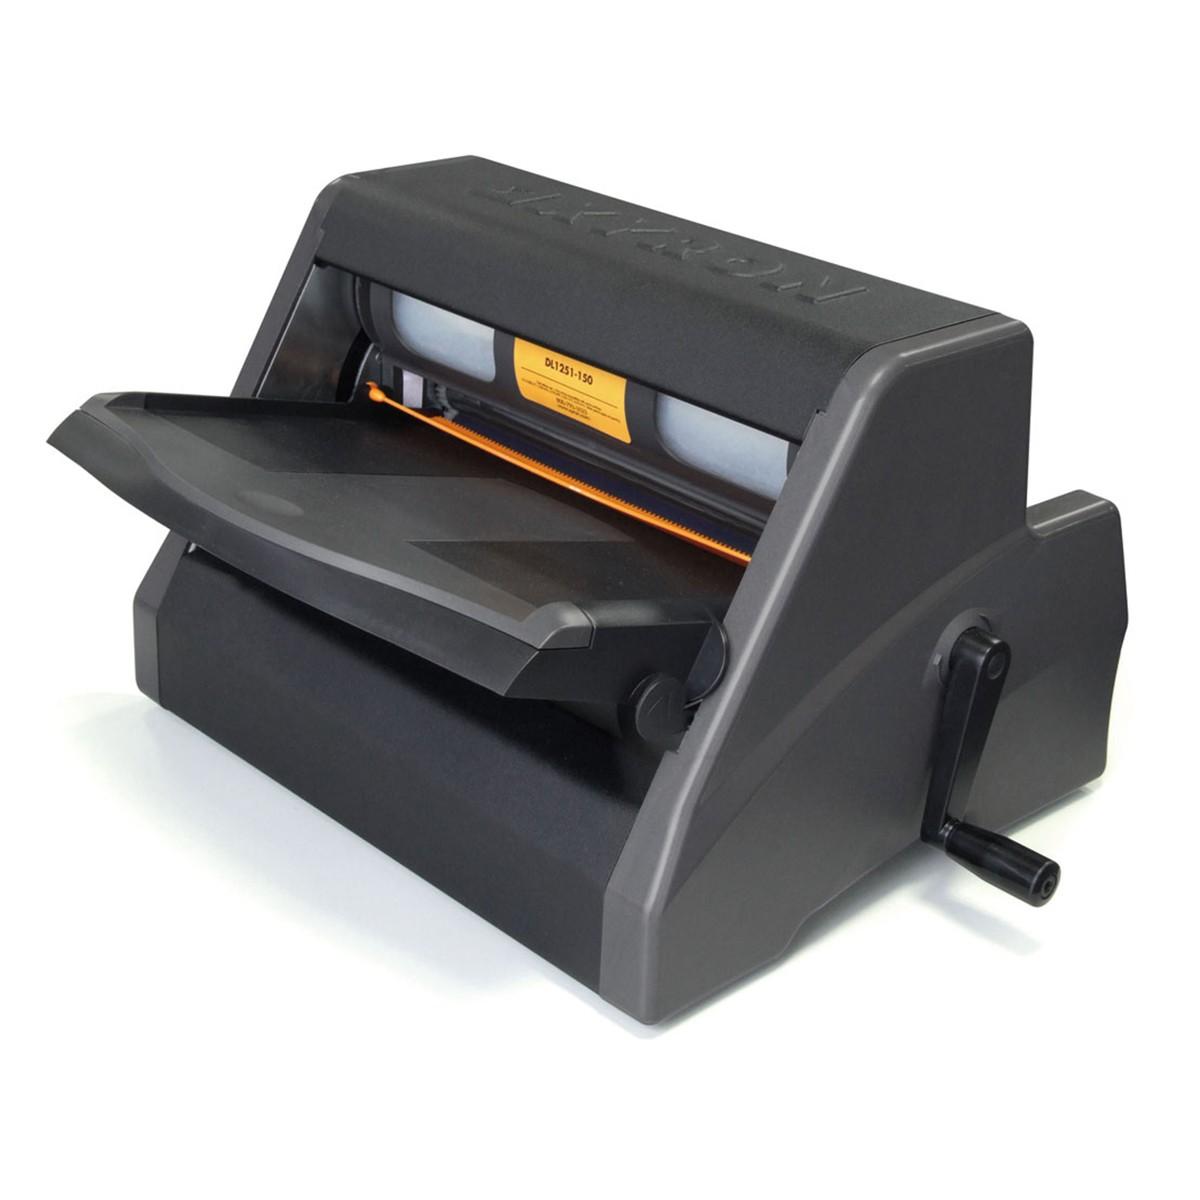 ザイロン Pro 1255 【 ラミネート 機械 保護 加工 】